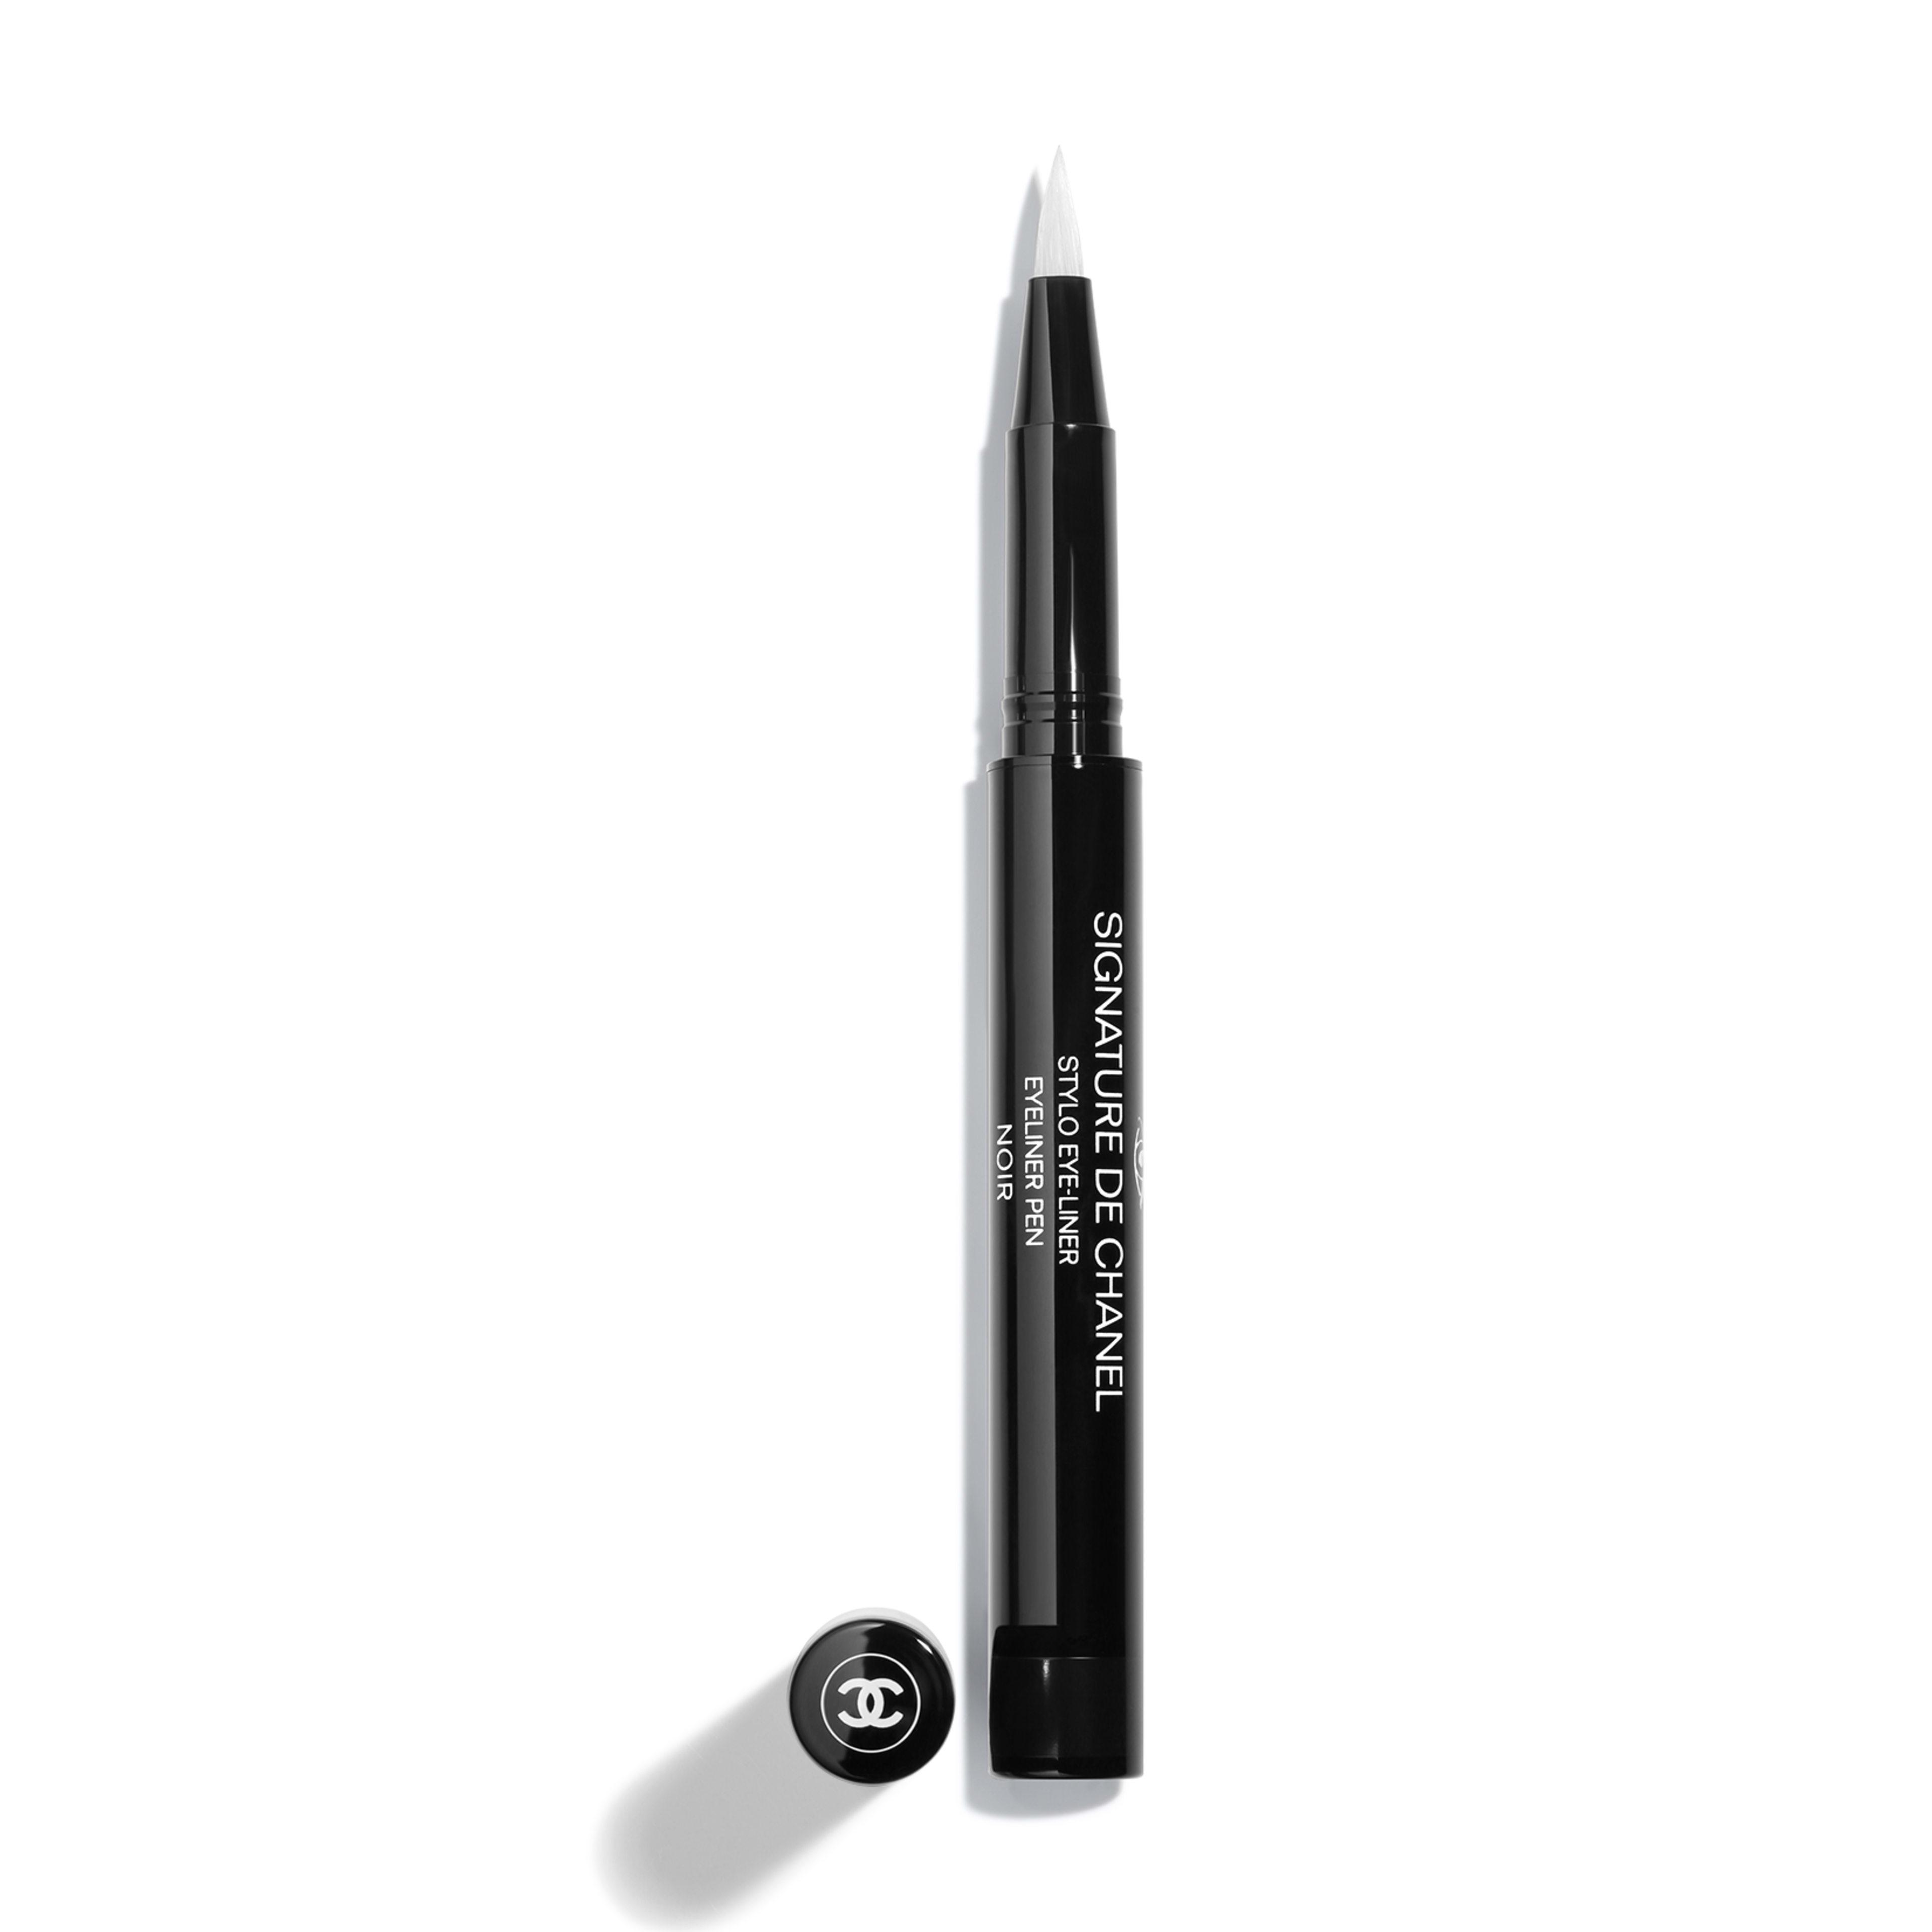 SIGNATURE DE CHANEL - makeup - 0.01FL. OZ. - Default view